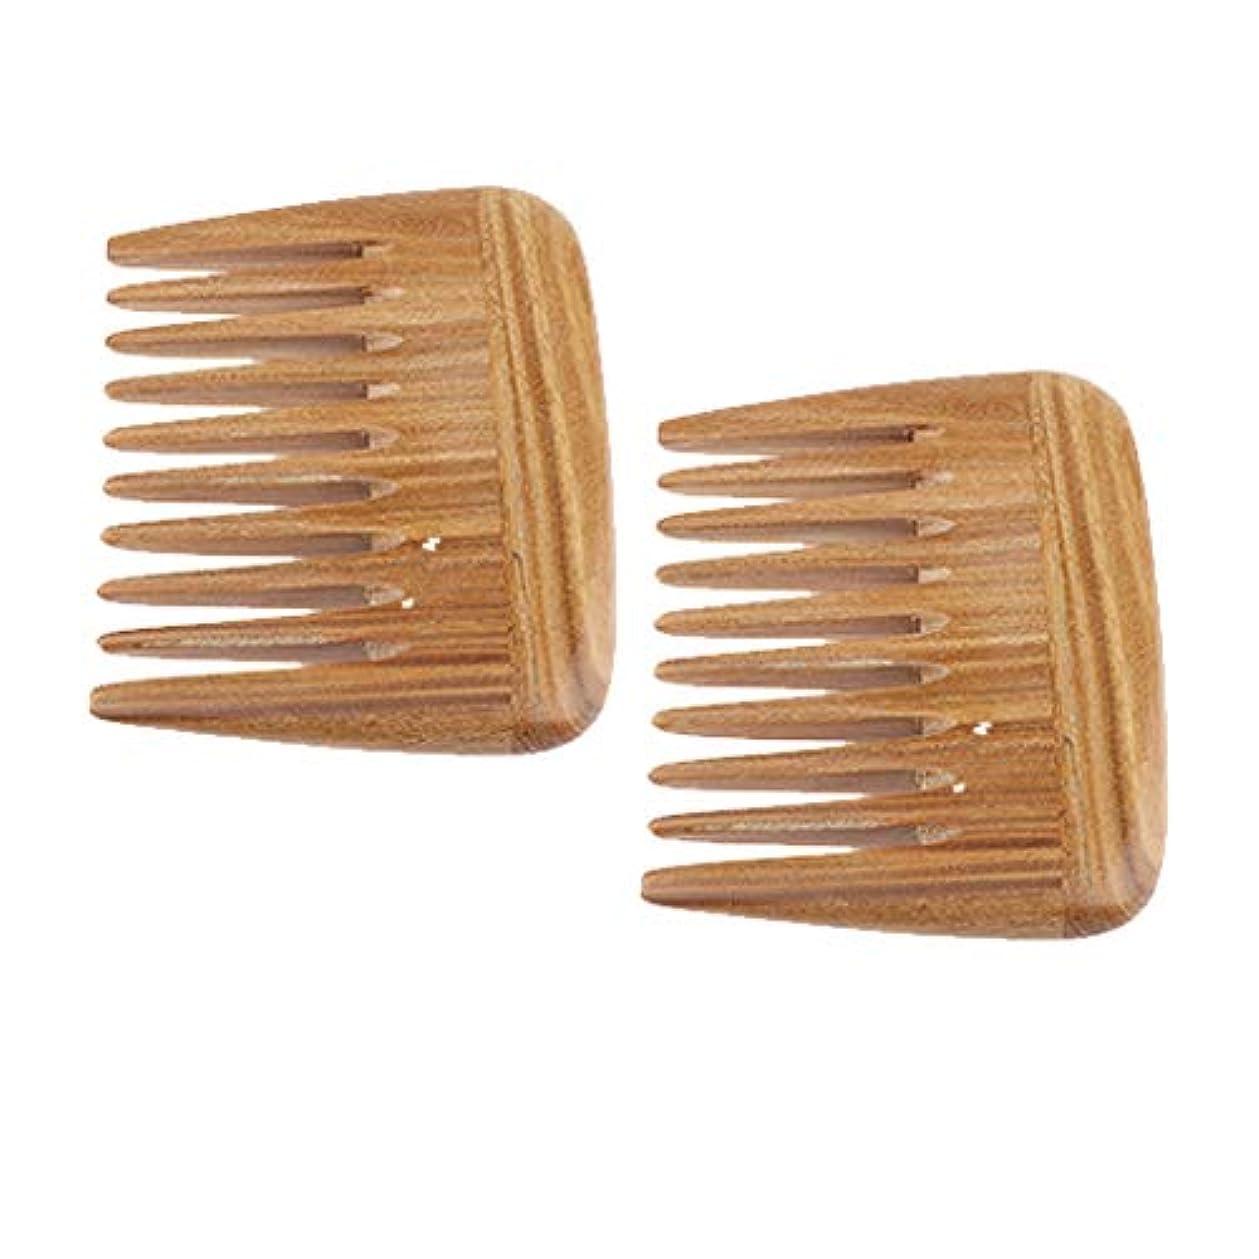 迅速ハーネスオズワルド2個 静電気防止櫛 ポケット 広い歯 ヘアコーム 木製櫛 プレゼント